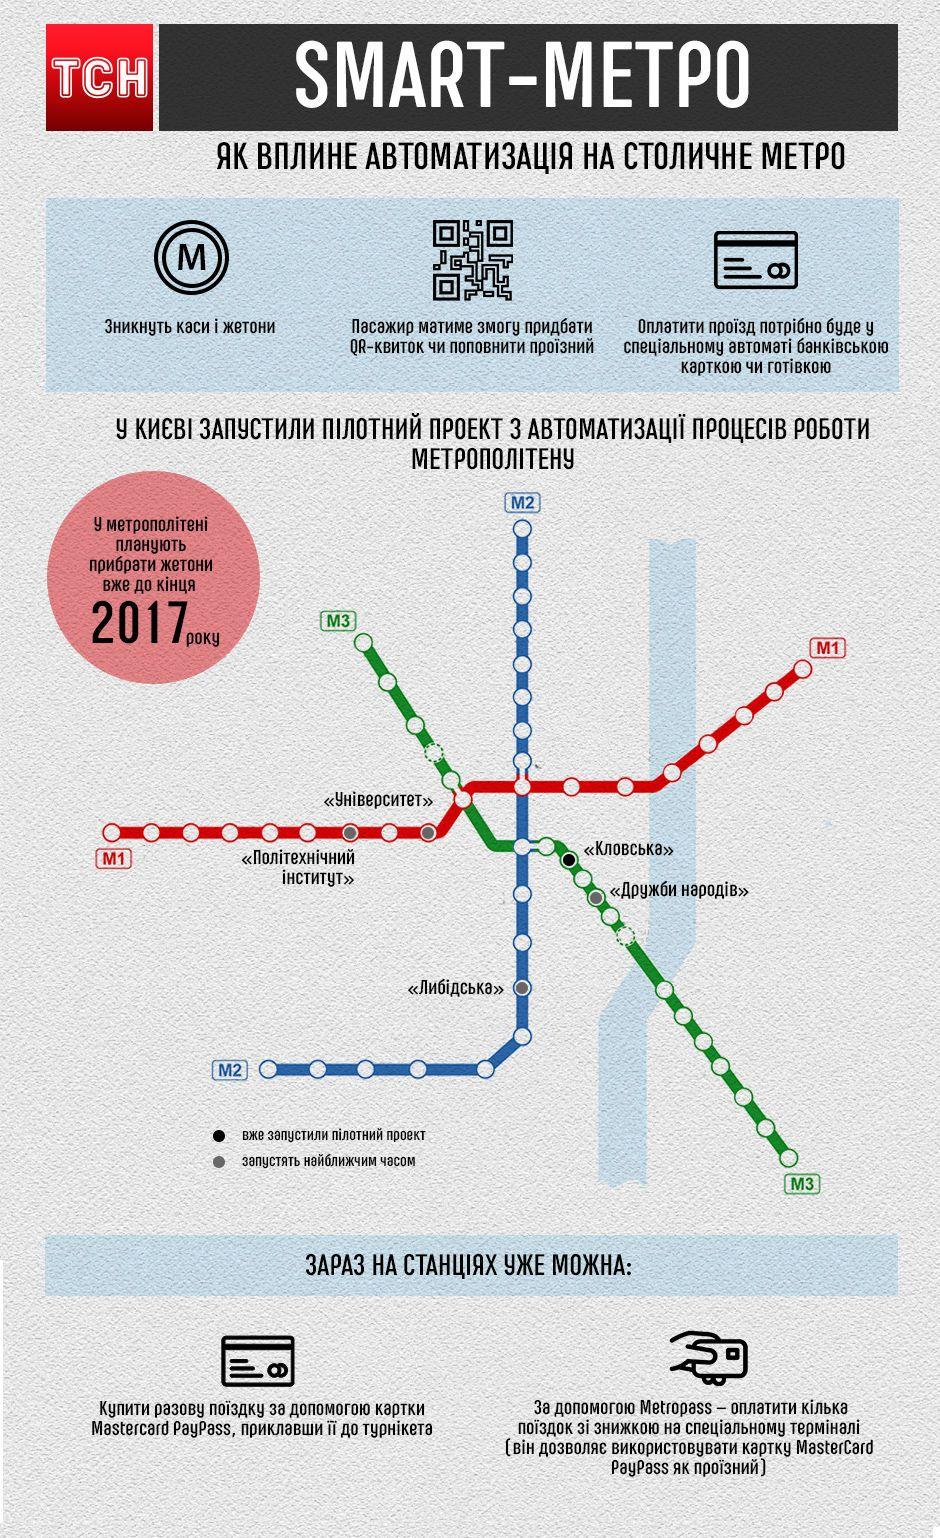 smart-метро, інфографіка